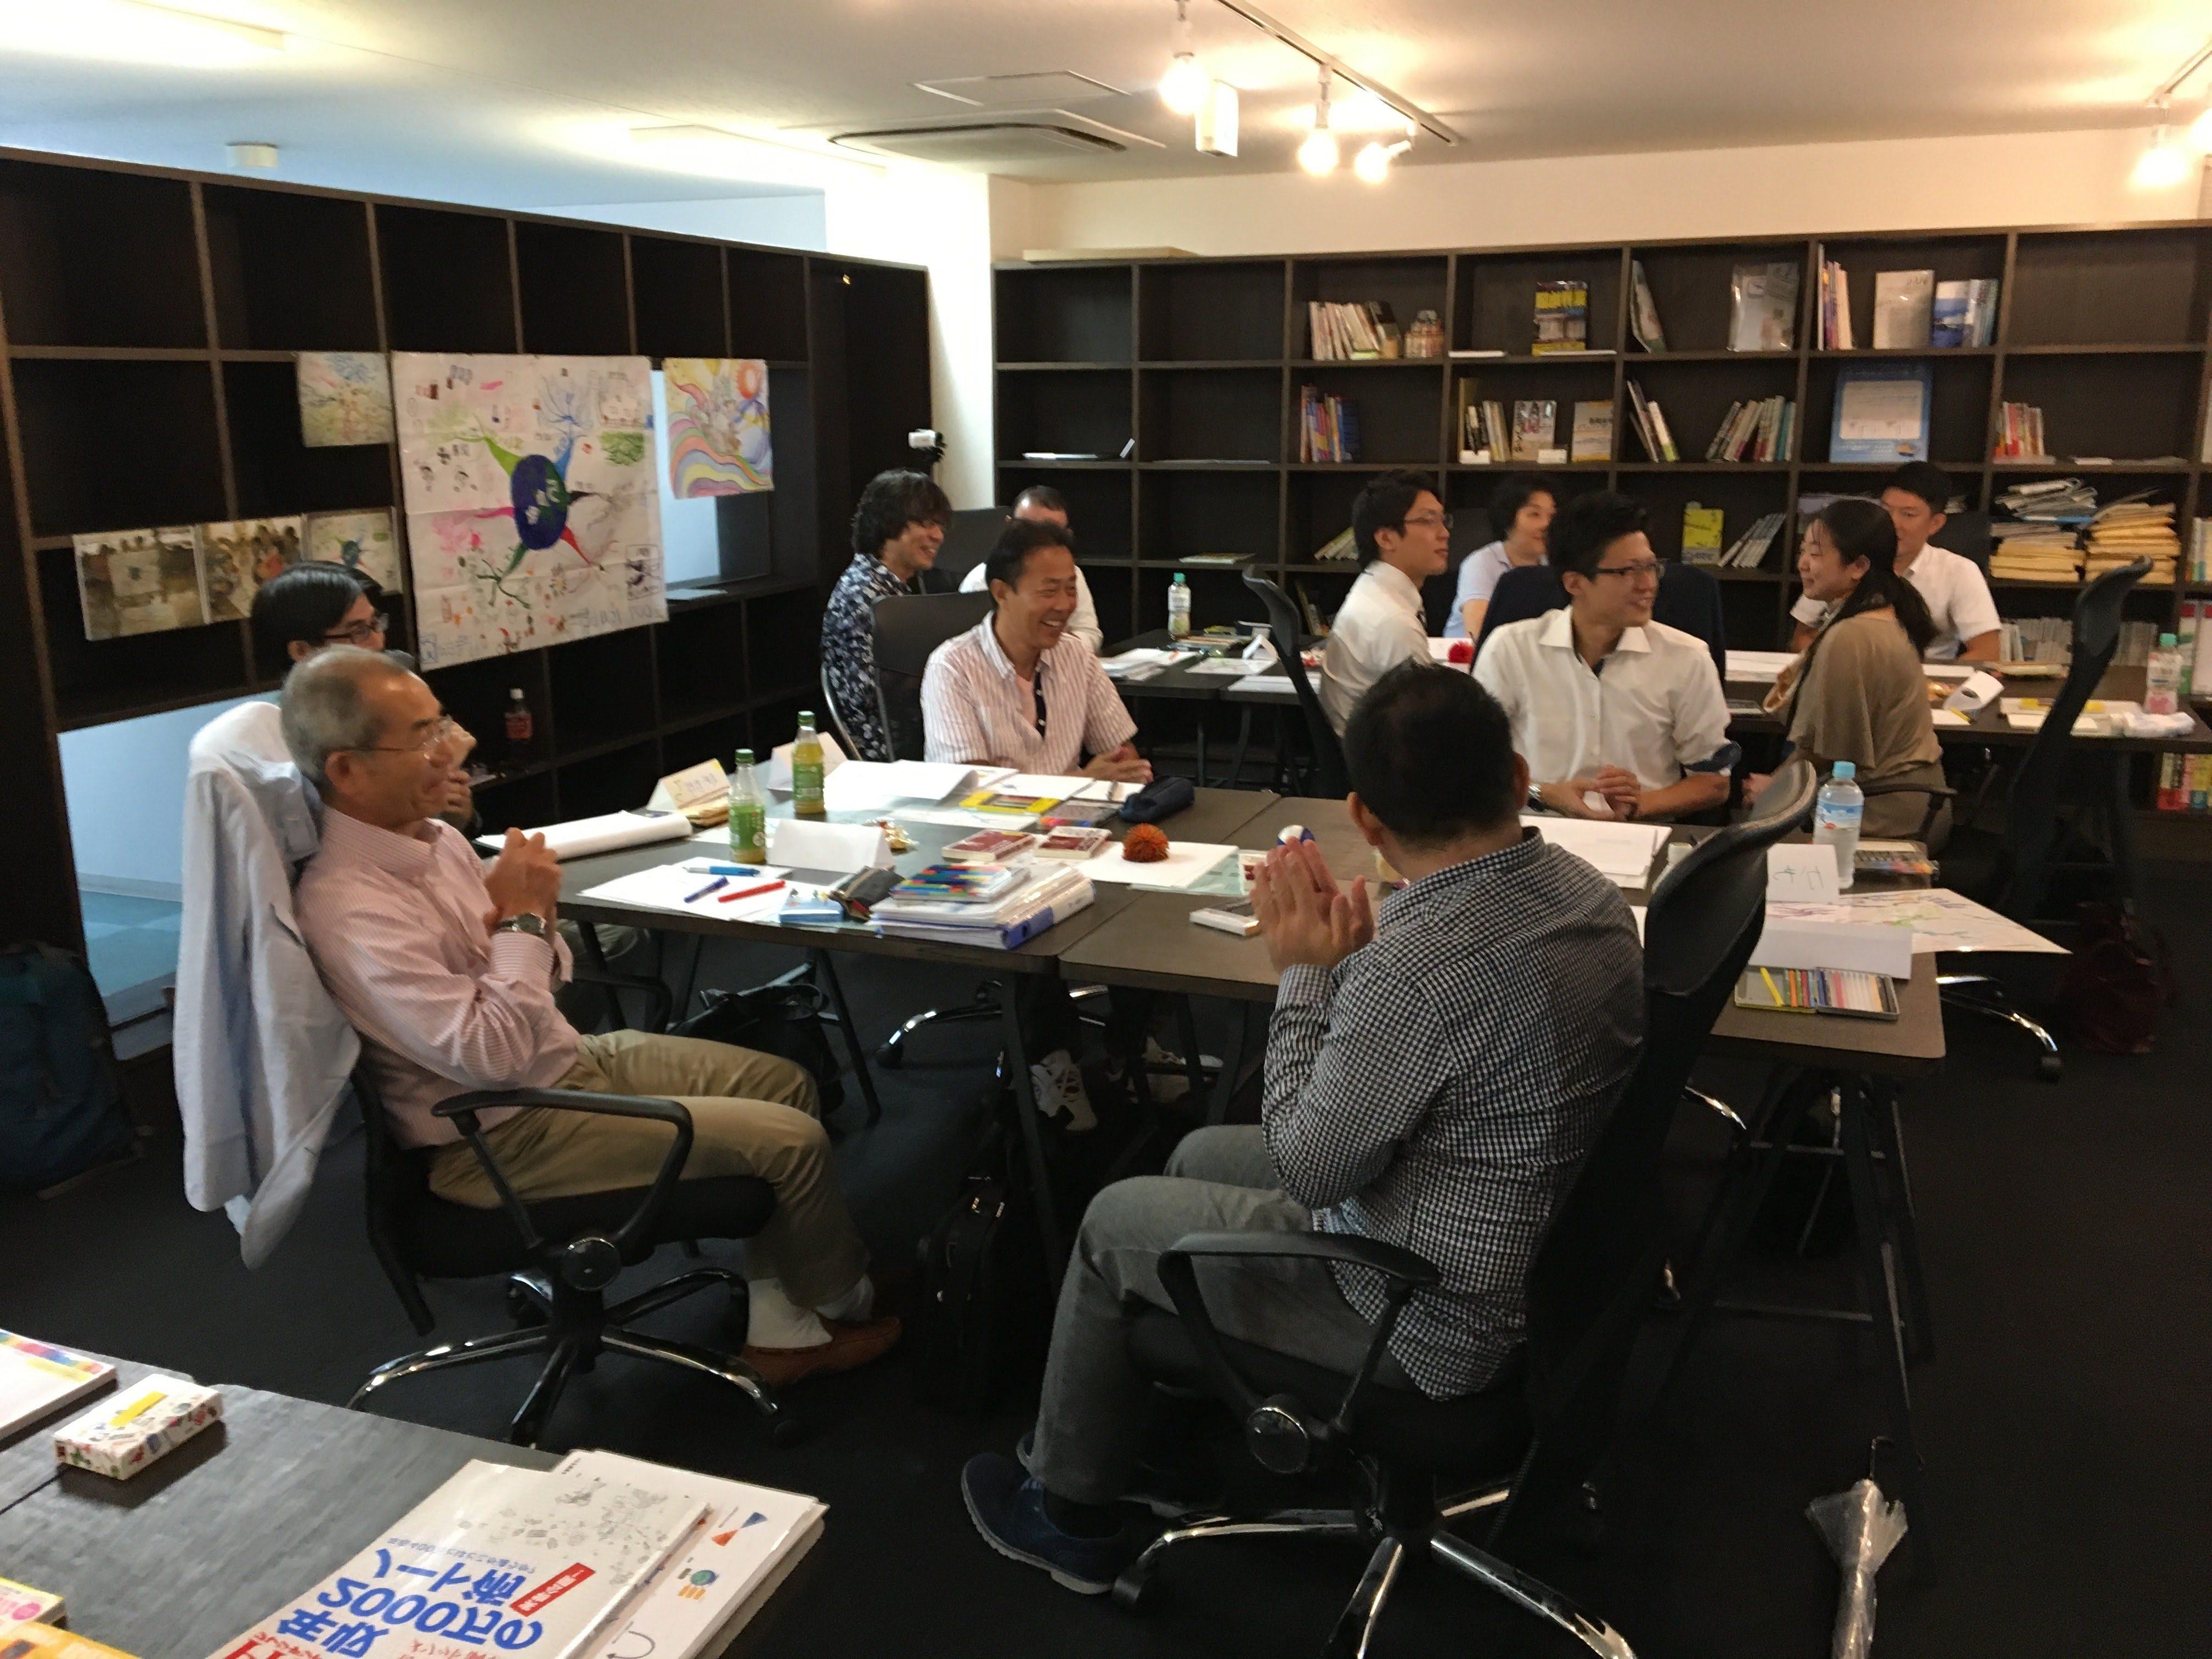 開催報告:《ビジネス活用編》マインドマッププラクティショナー講座 ~ 受講者さまのお声をご紹介します!